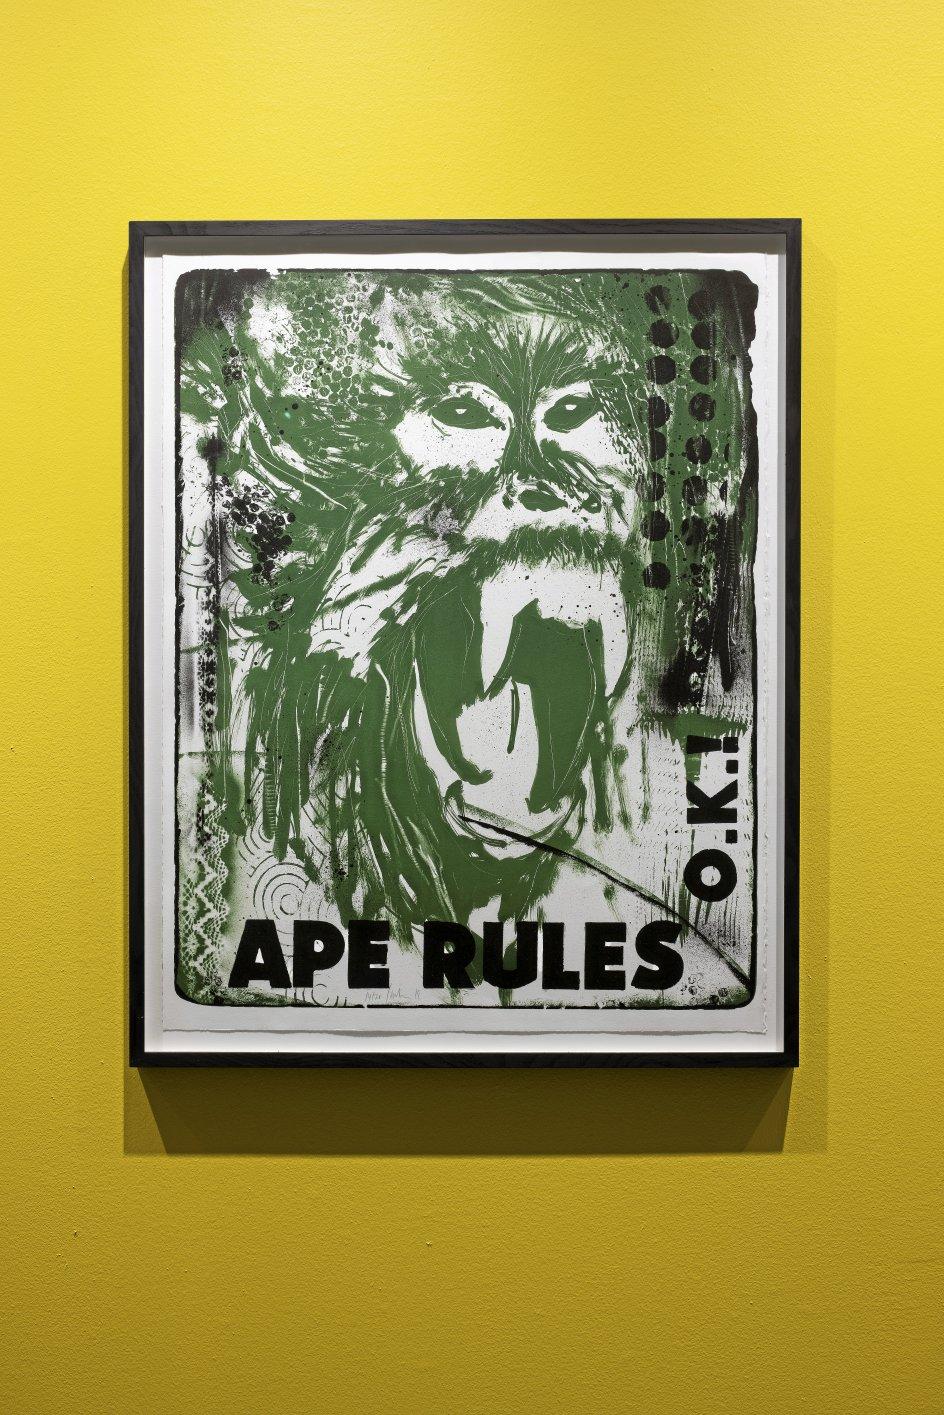 """Claus Carstensens litografi """"Ape Rules"""" fra 2018 er skabt som en reaktion på en undersøgelse, der viste færingers skepsis over for Darwin. – Foto: Torben Eskerod/Nordatlantens Brygge."""